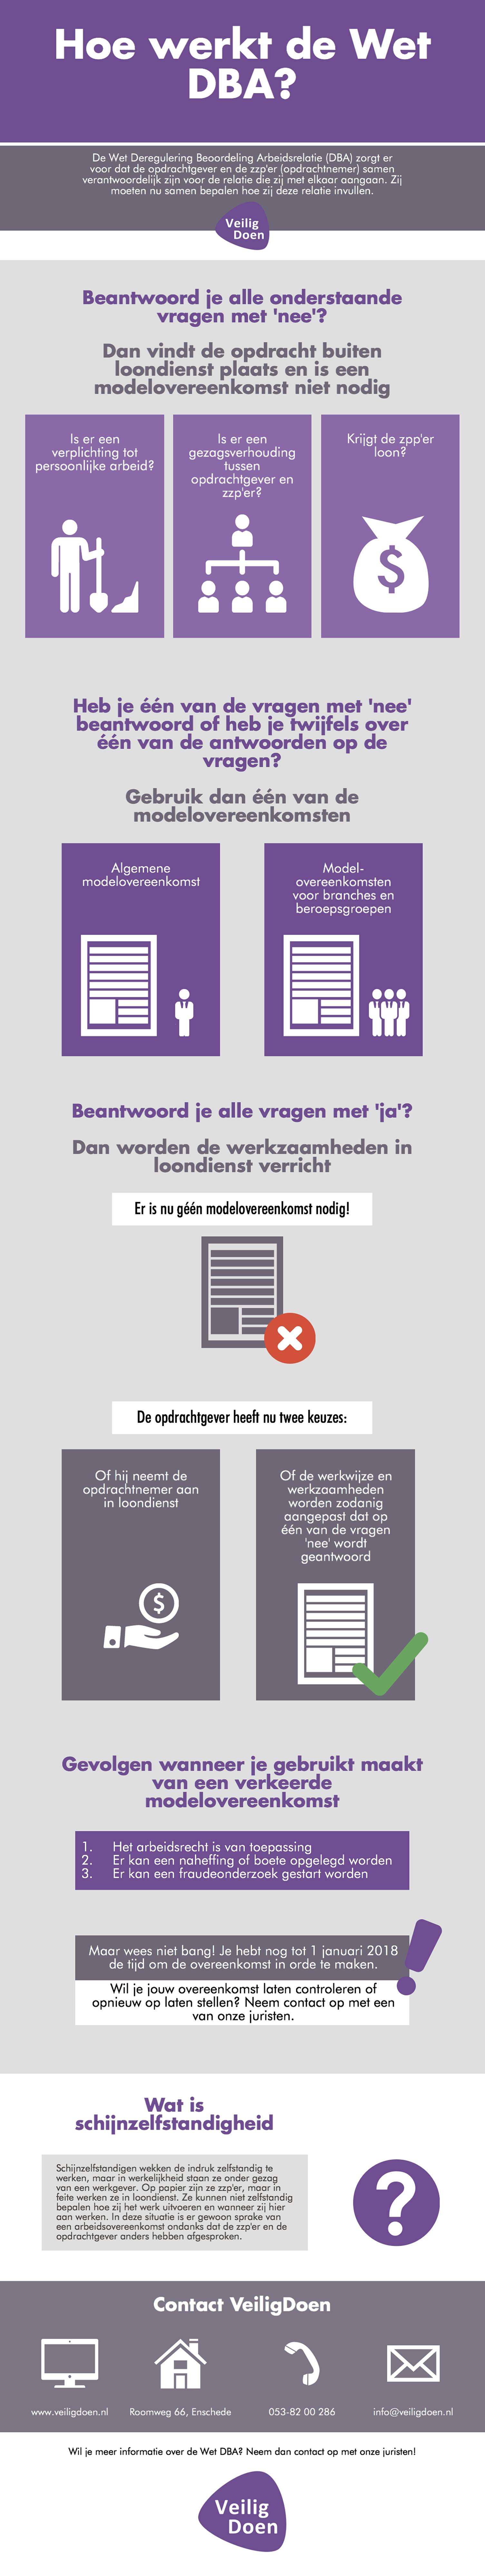 Infographic: Hoe werkt de Wet DBA?